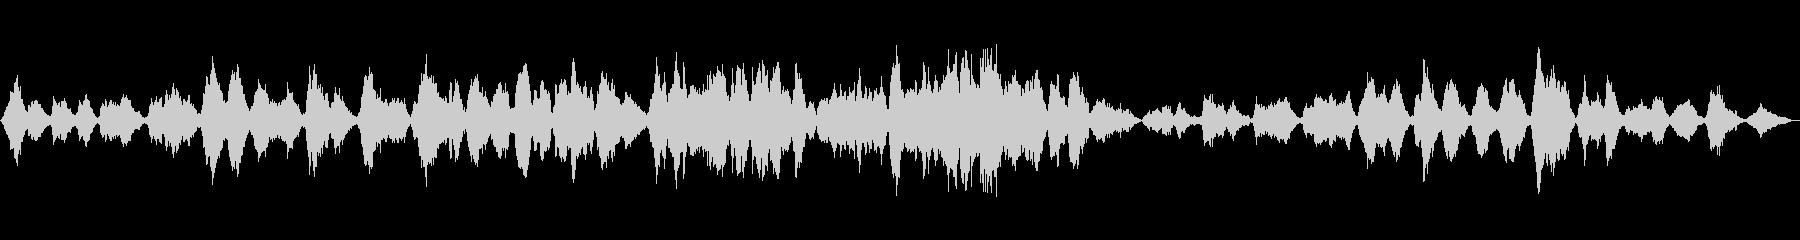 ドビュッシー「月の光」ストリングス編曲の未再生の波形